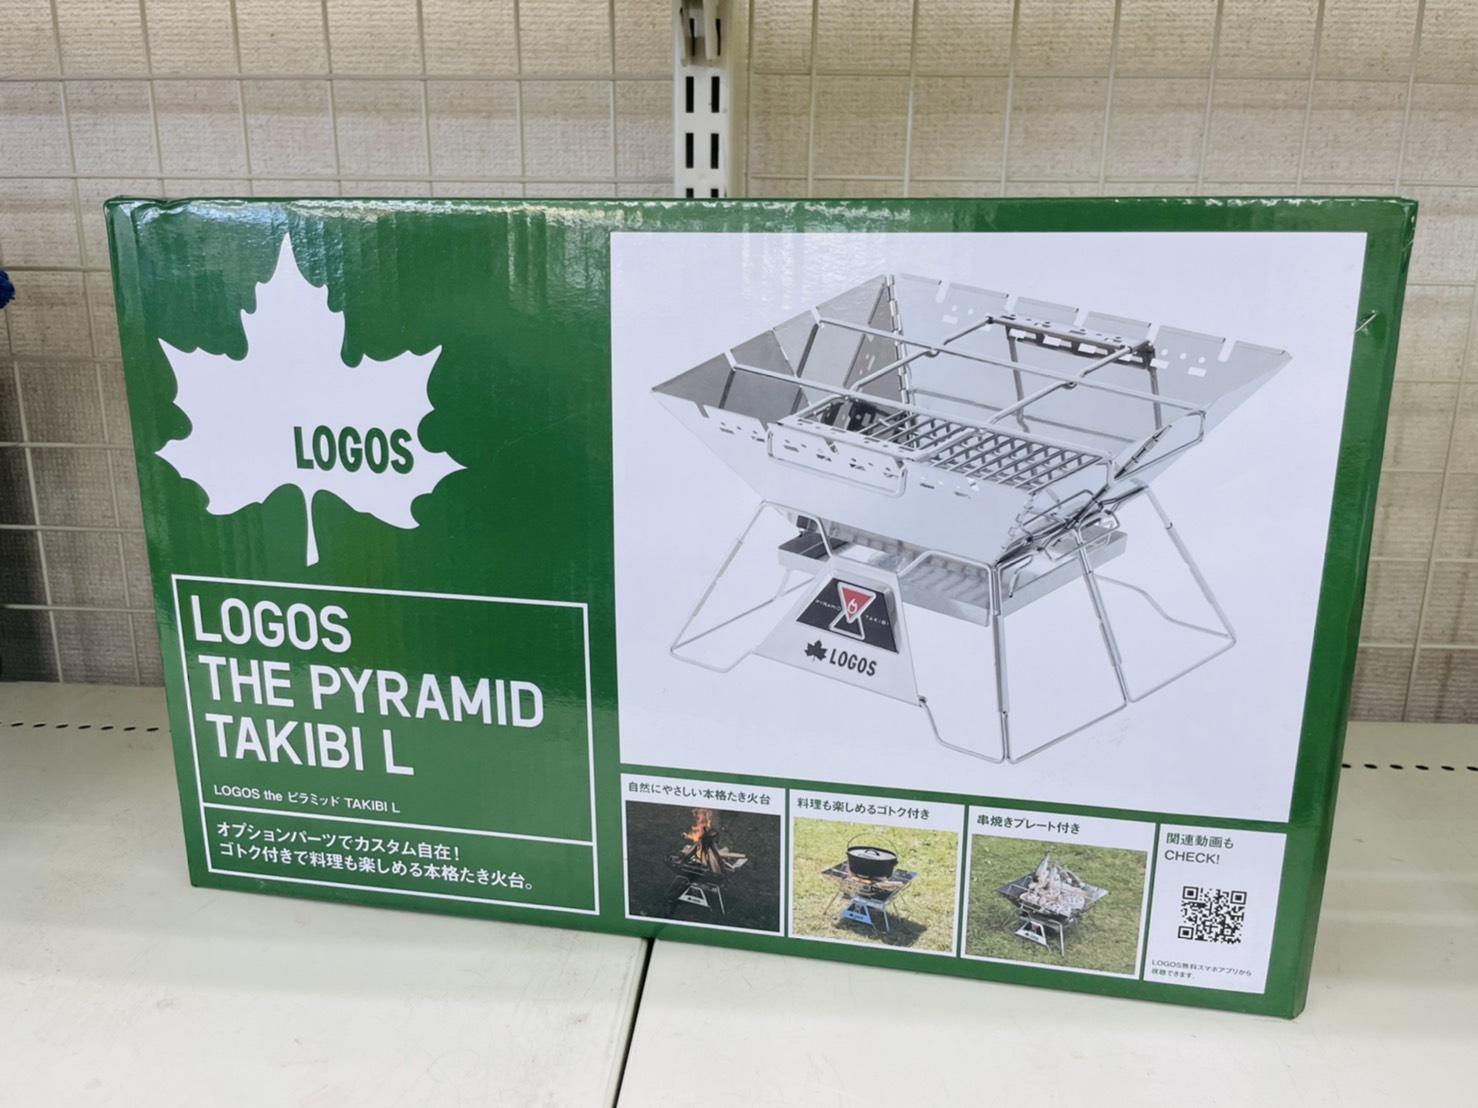 【LOGOS(ロゴス) / theピラミッドTAKIBI / キャンプ用品】買い取りさせて頂きました!!の買取-